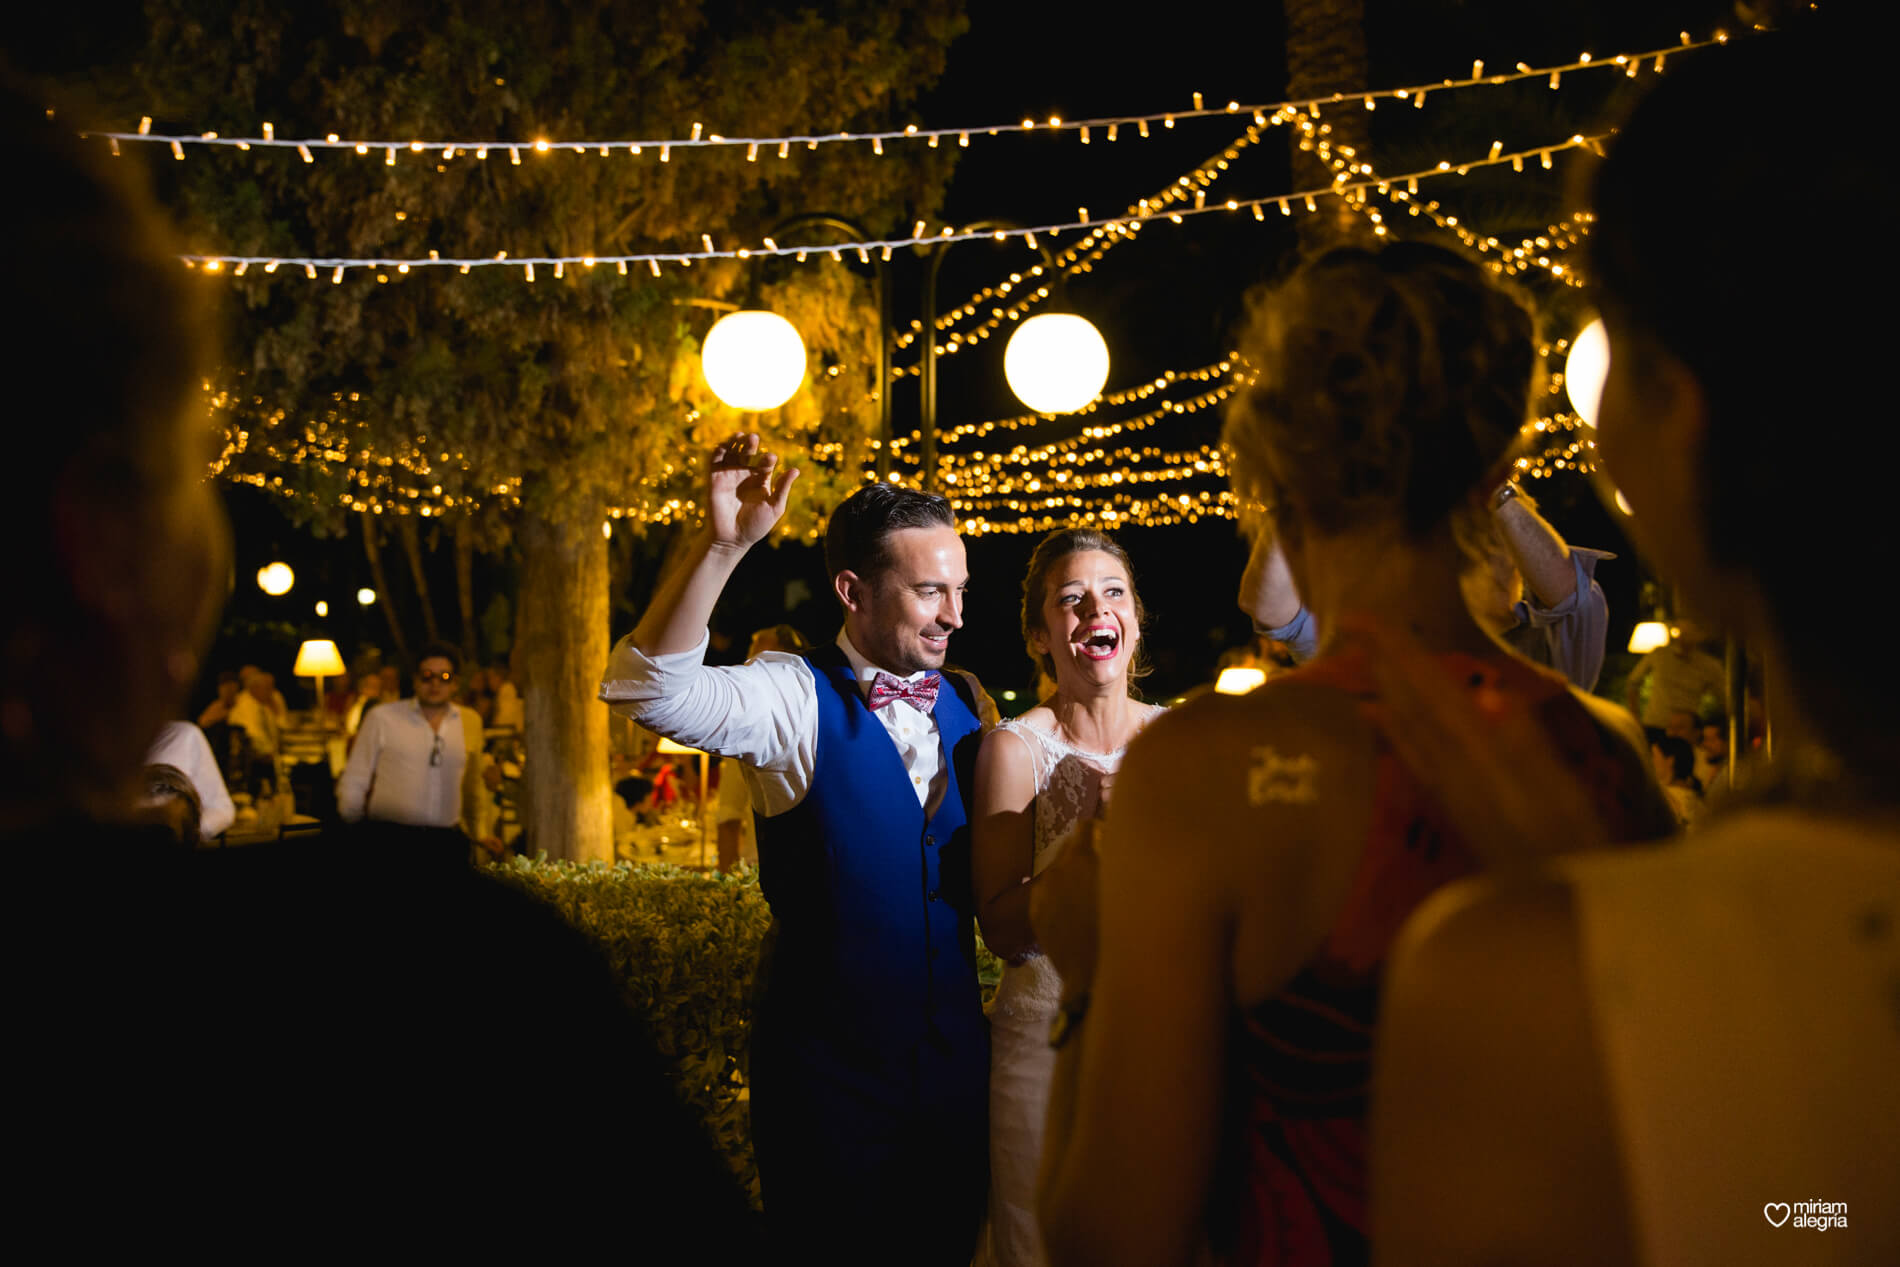 wedding-huerto-del-cura-elche-miriam-alegria-fotografos-boda-108